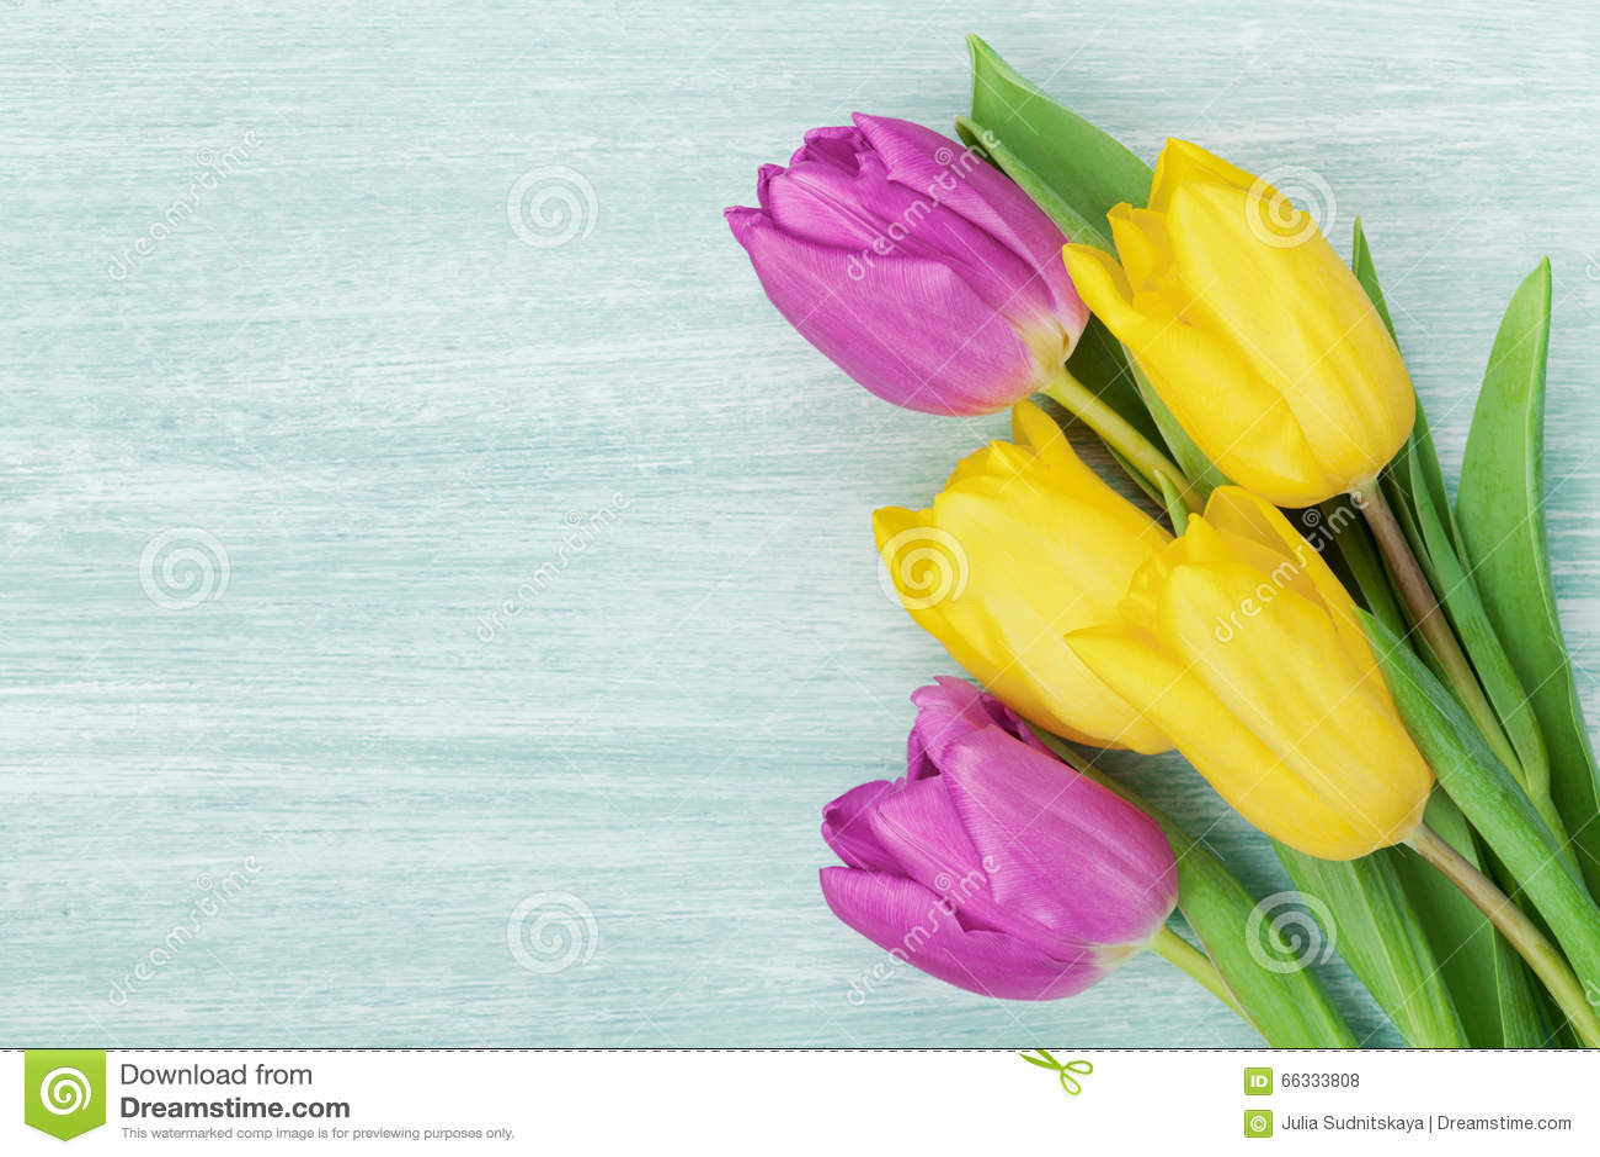 El tulipán florece en la tabla rústica para el 8 de marzo, el día para mujer internacional, el día del cumpleaños o de madres, ta